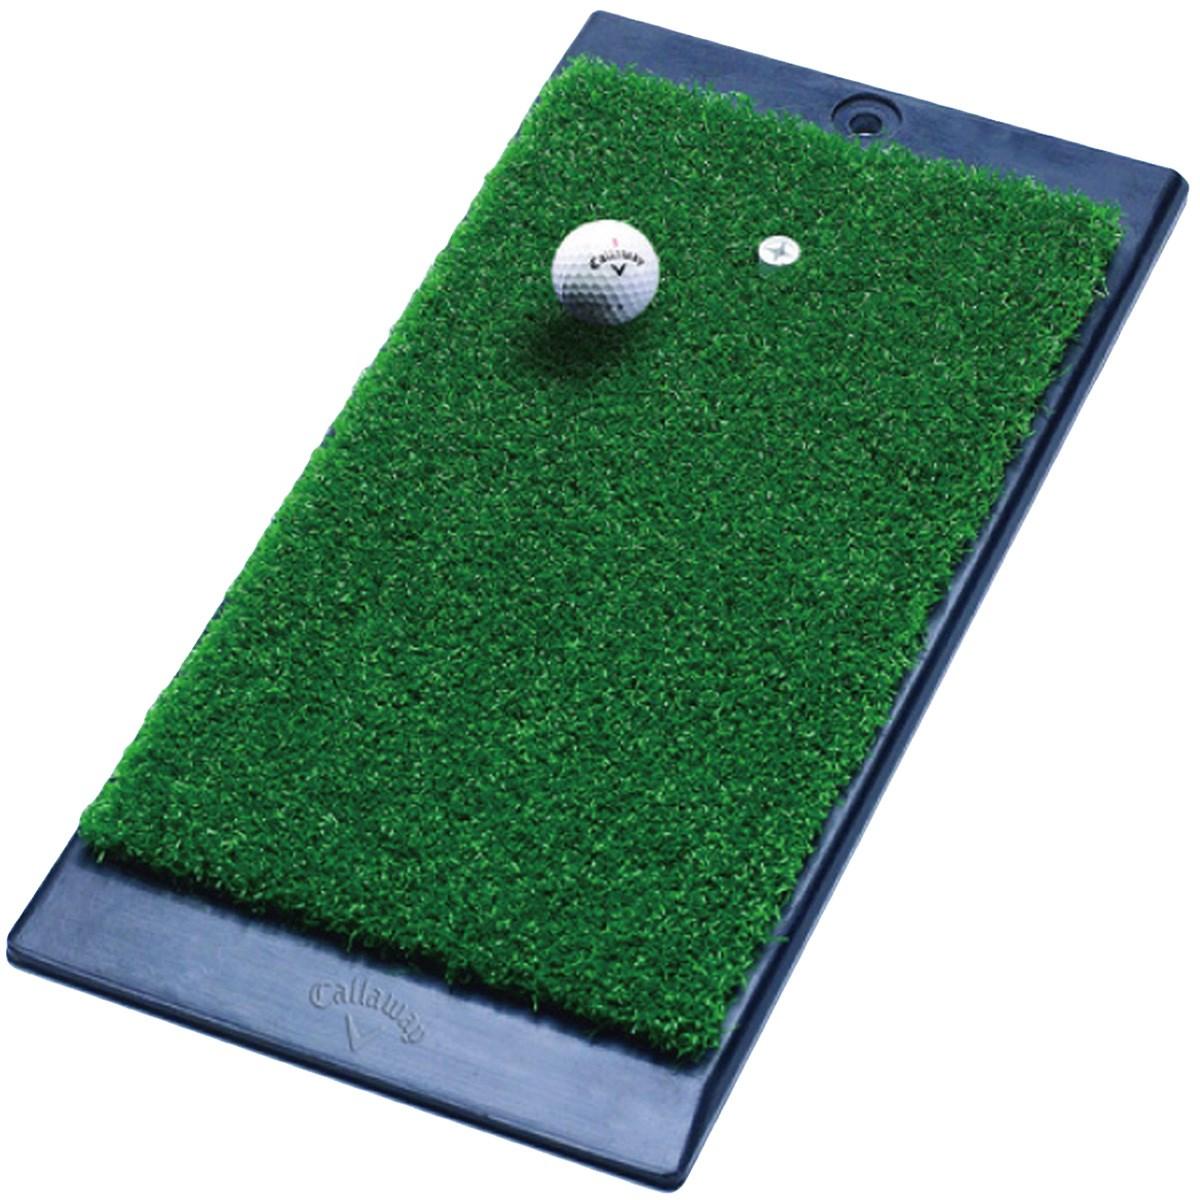 キャロウェイゴルフ(Callaway Golf) FT LAUNCH ZONE LARGE マット